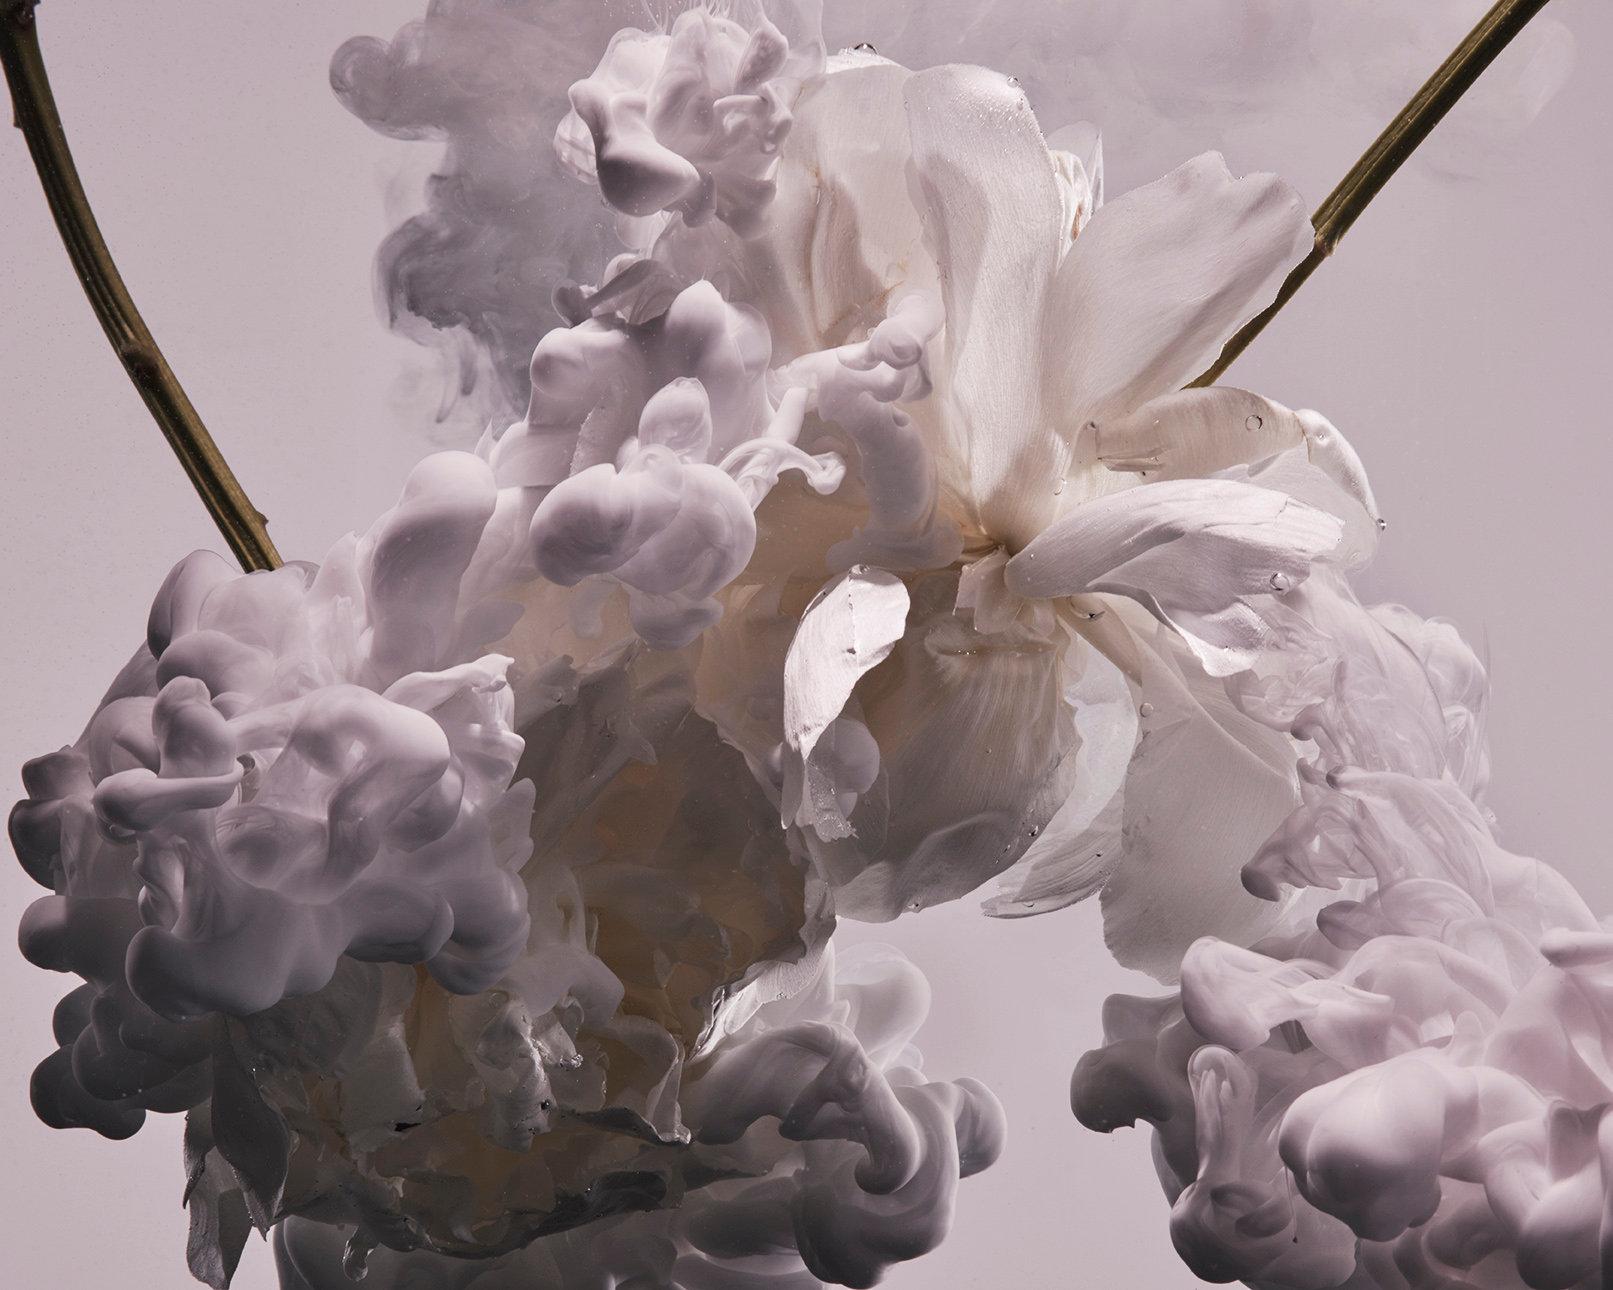 171123_Flowers_251 02 CROPPED.JPG